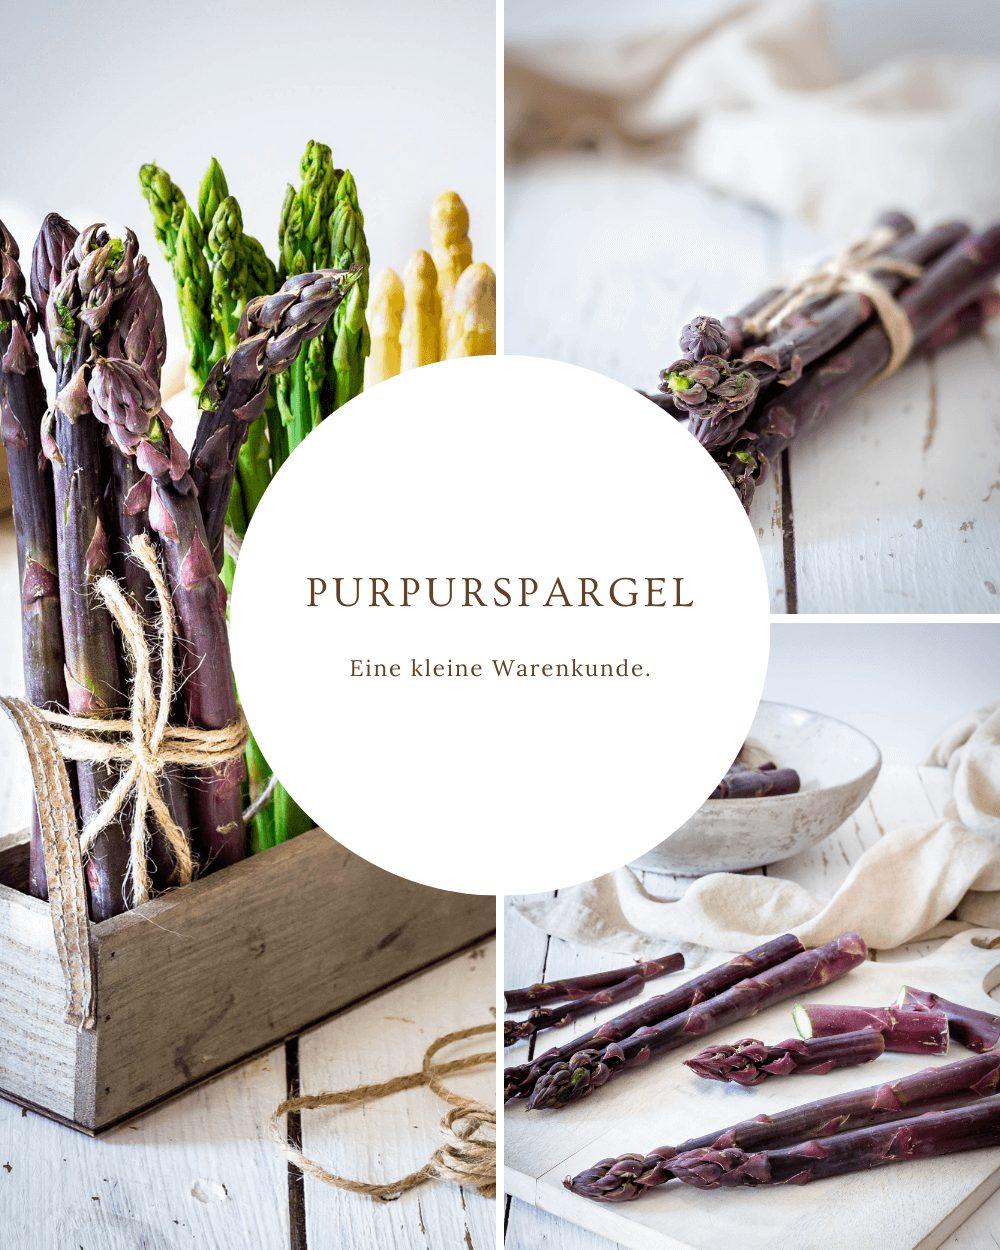 Purpurspargel - Eine kleine Warenkunde